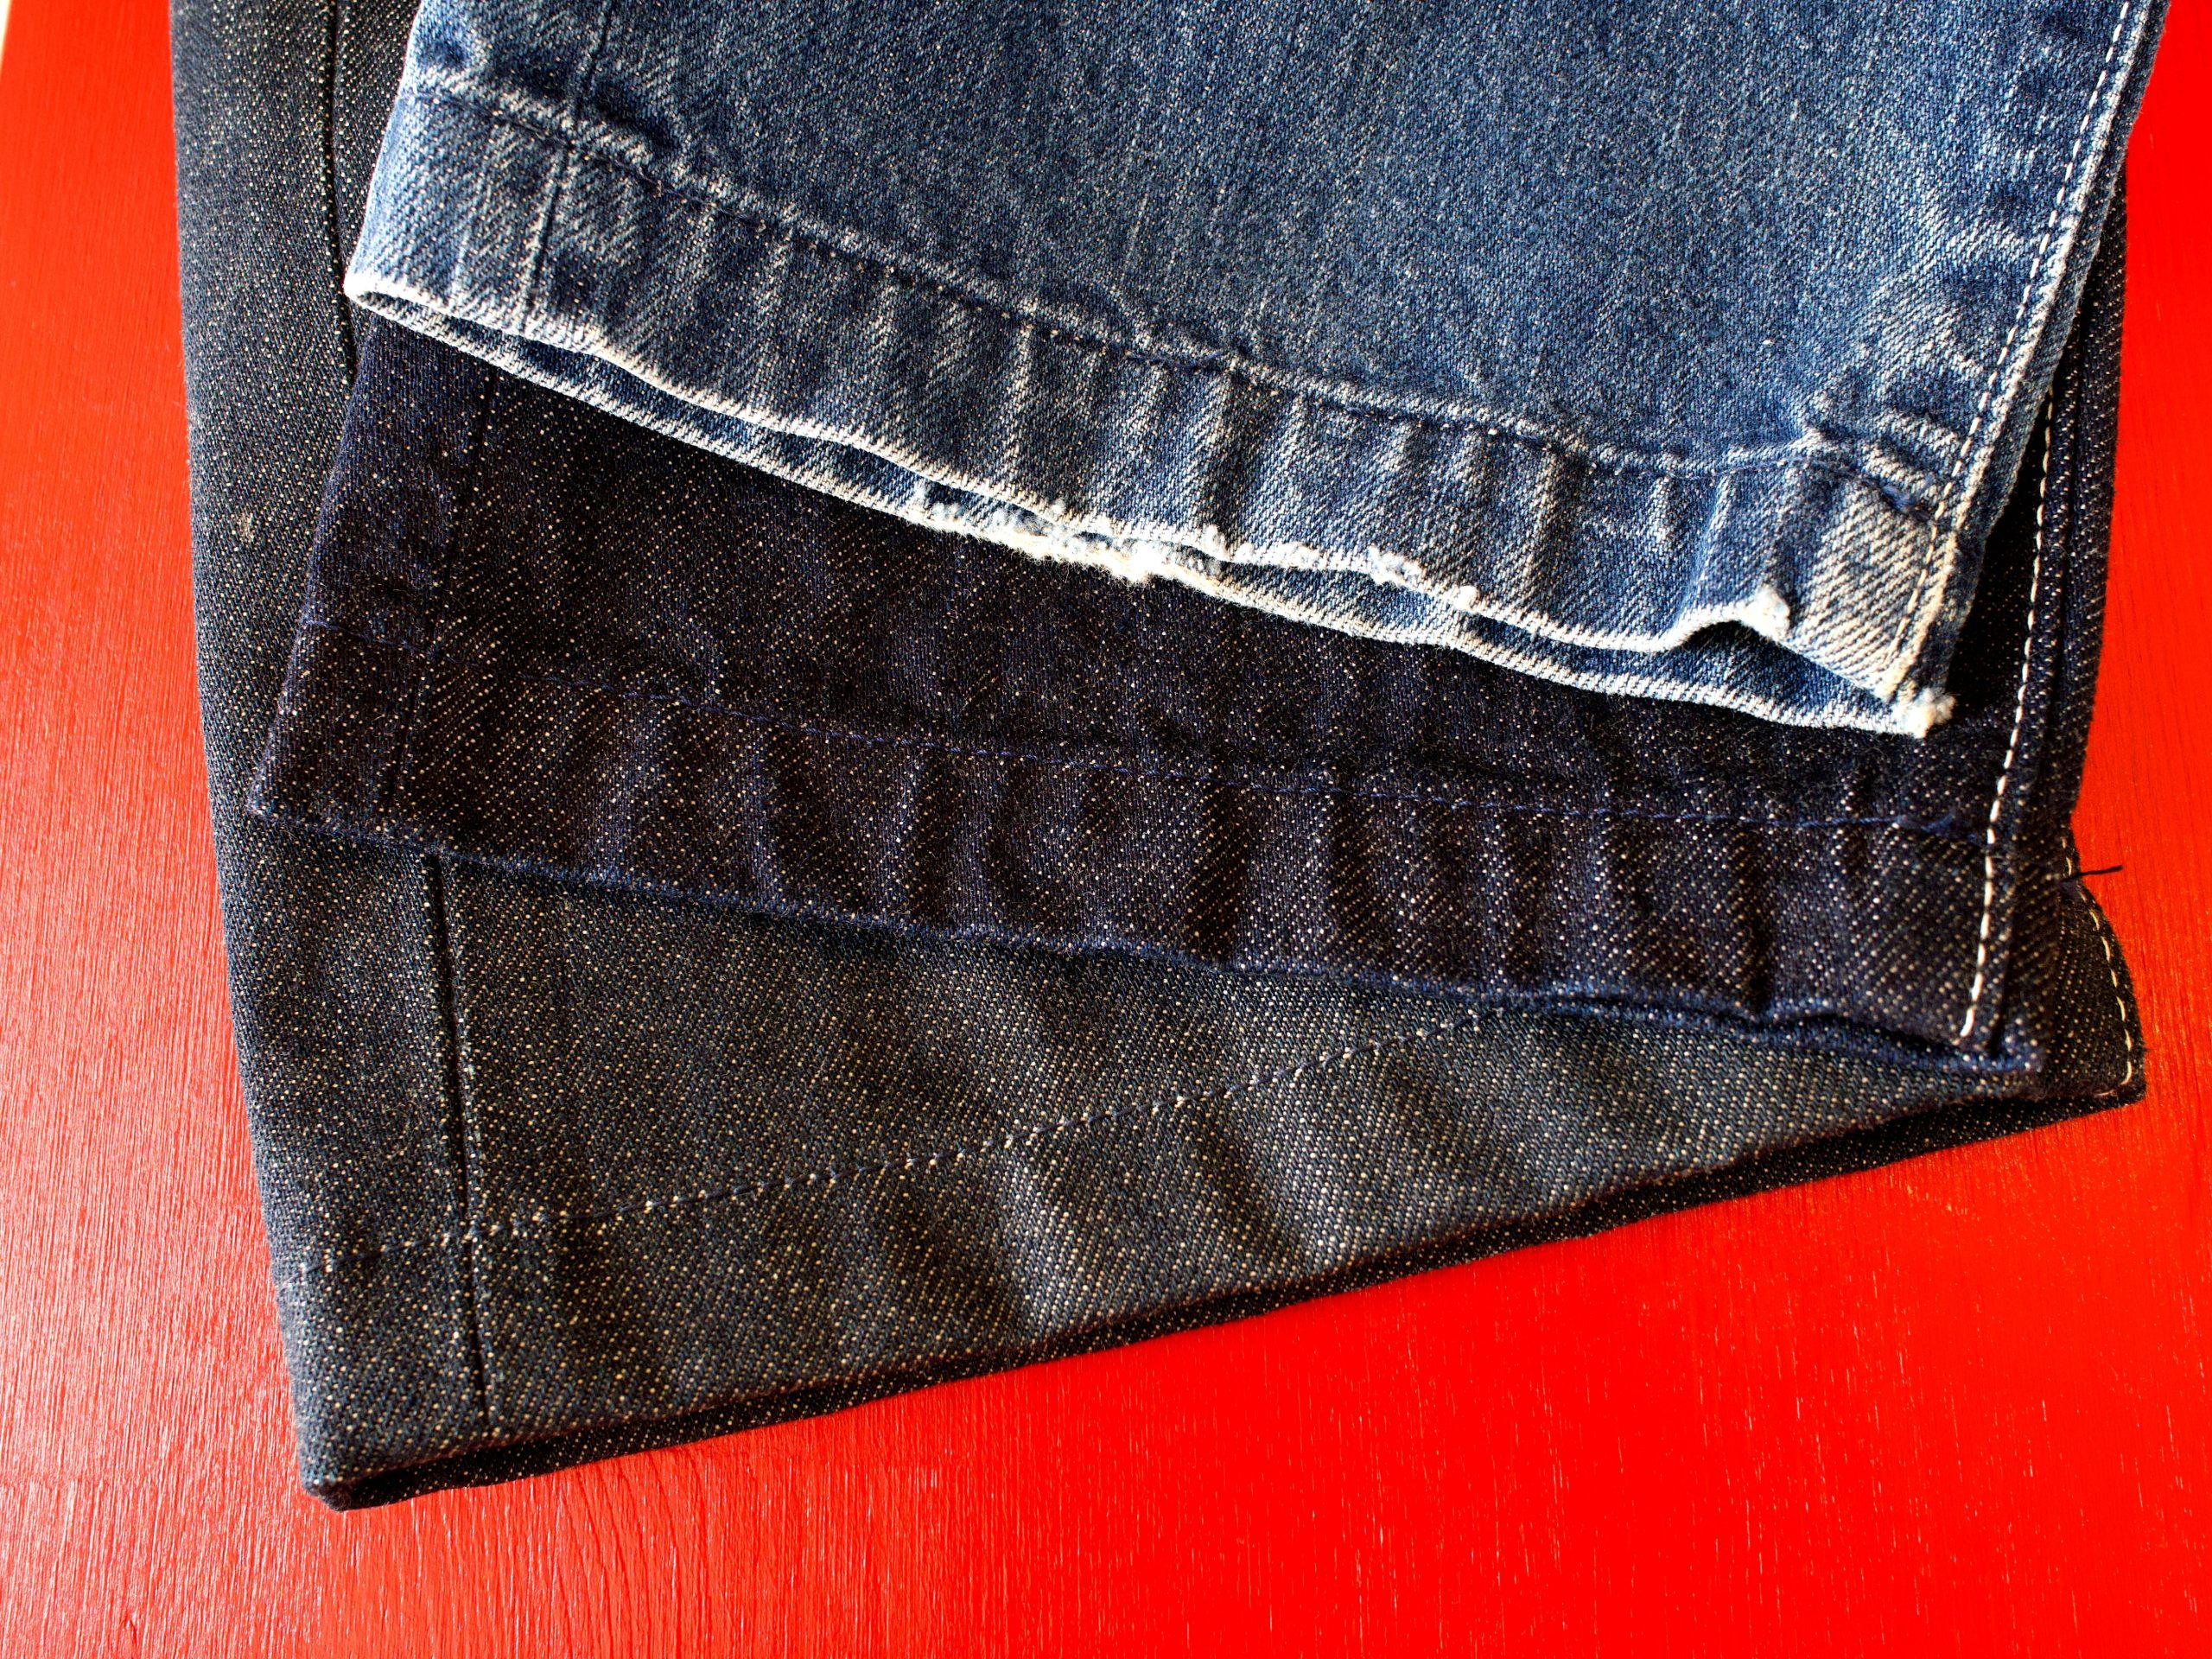 裾のアタリが残る納得の長さのジーンズを穿いて欲しい